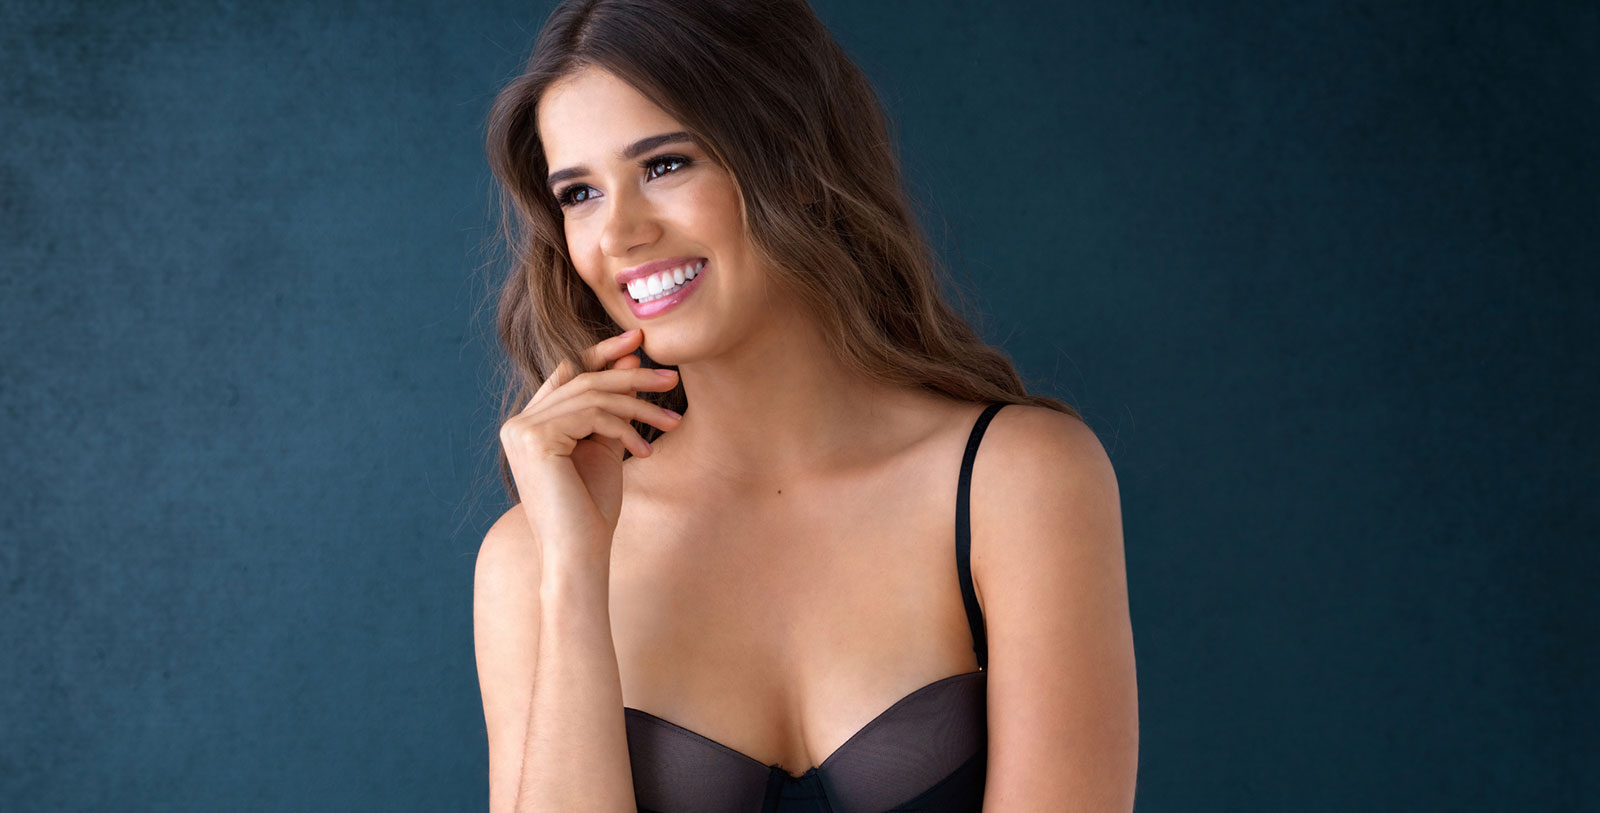 sehr schöne brüste